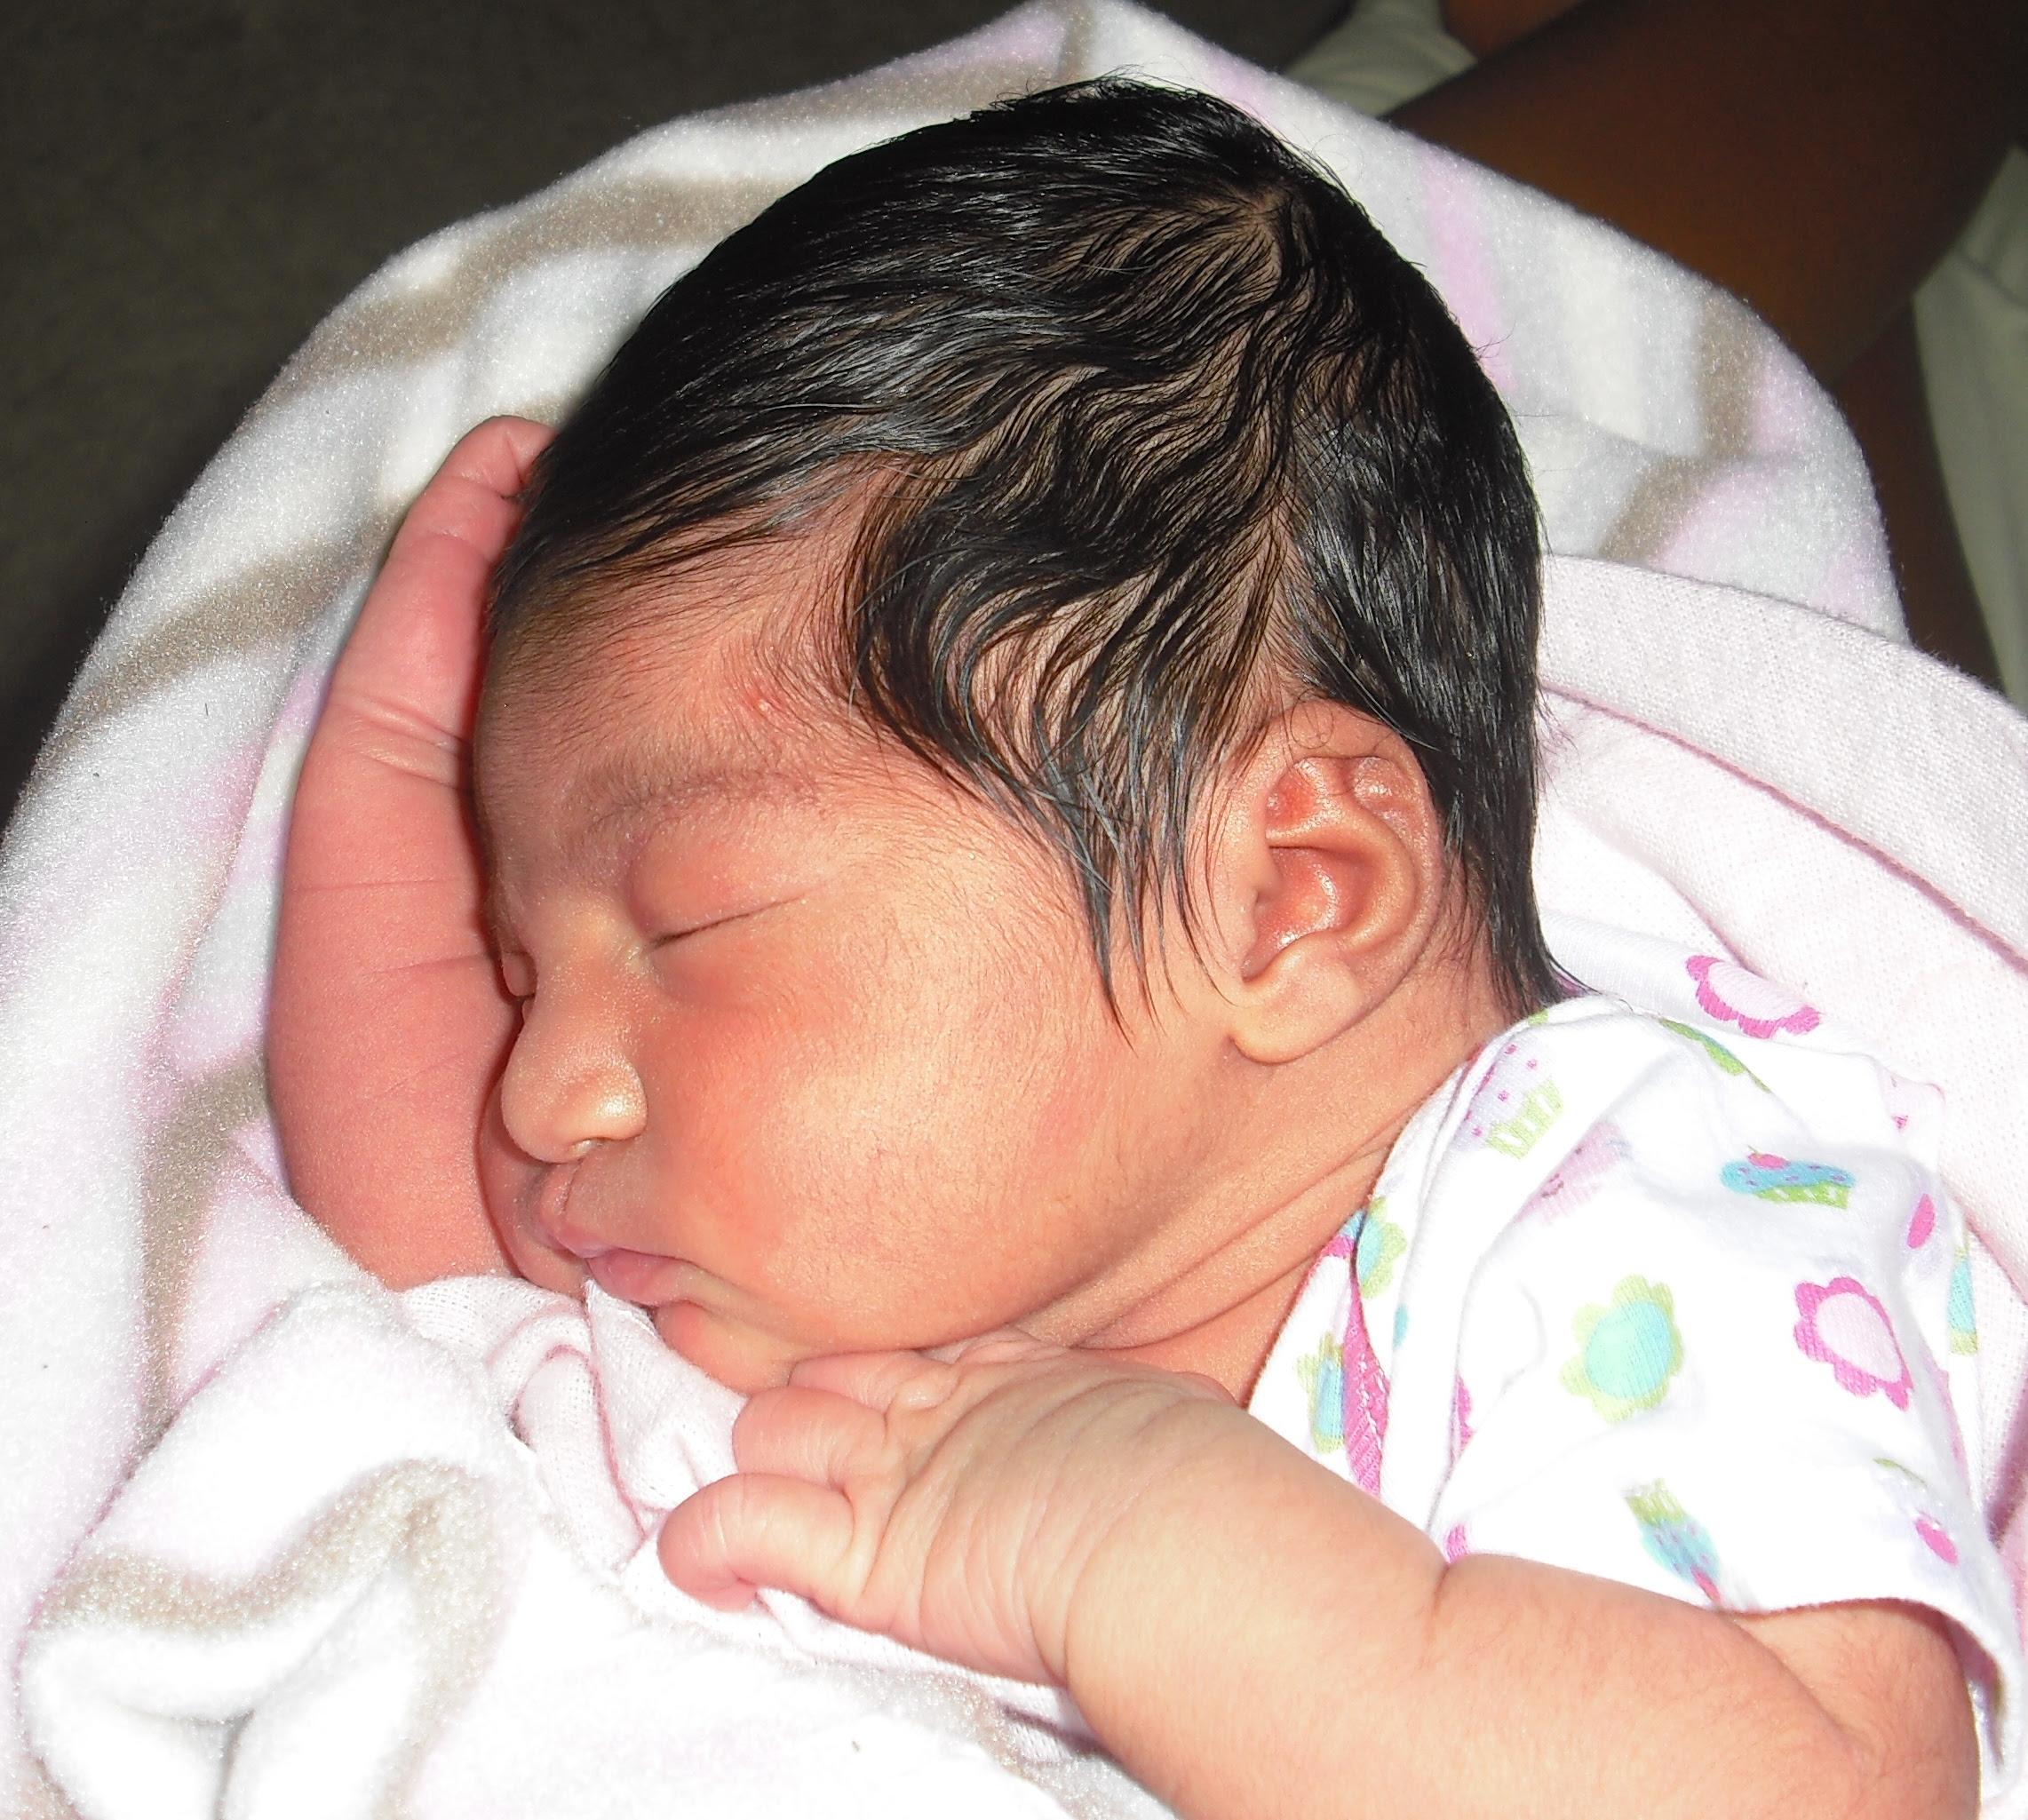 Newborn Cute Black Baby Girls Newborn Baby